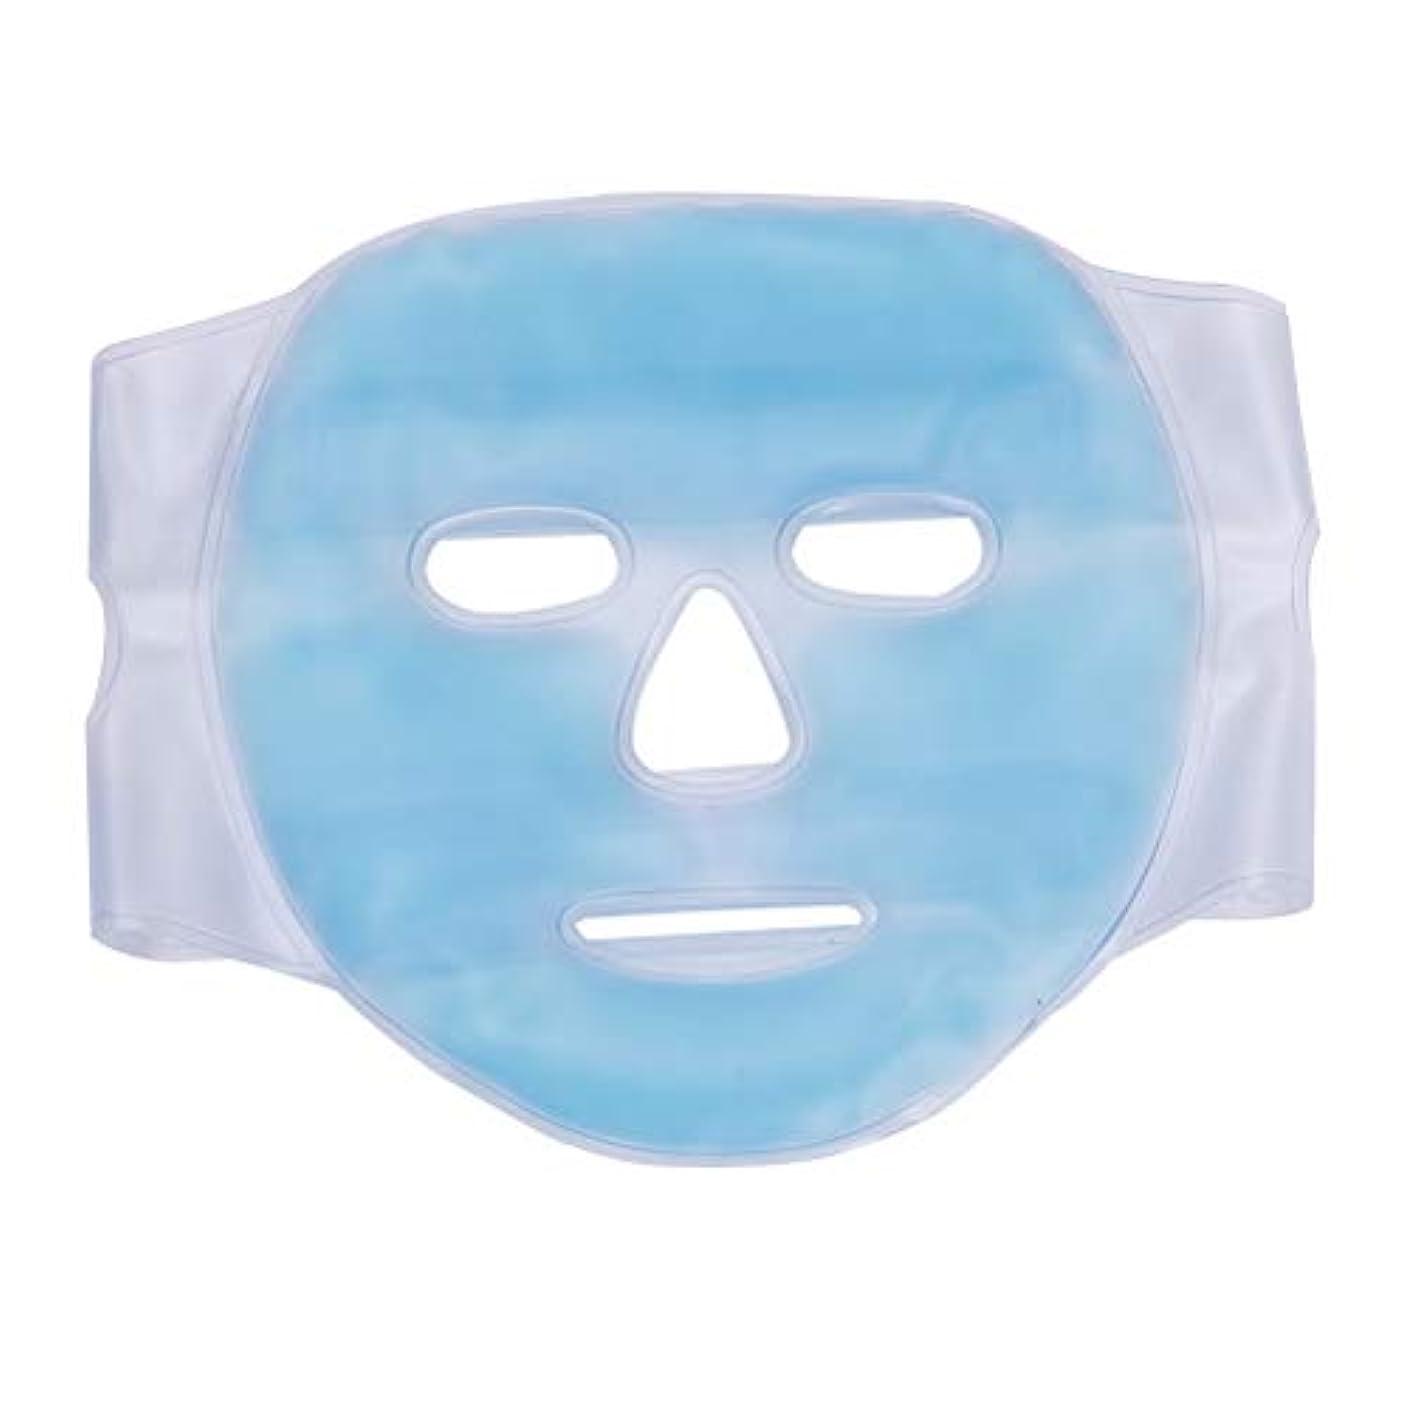 散歩の面では断線SUPVOX 美容マスクホットコールドセラピージェルビーズフルフェイシャルマスク睡眠用片頭痛緩腫れぼったい顔(青)